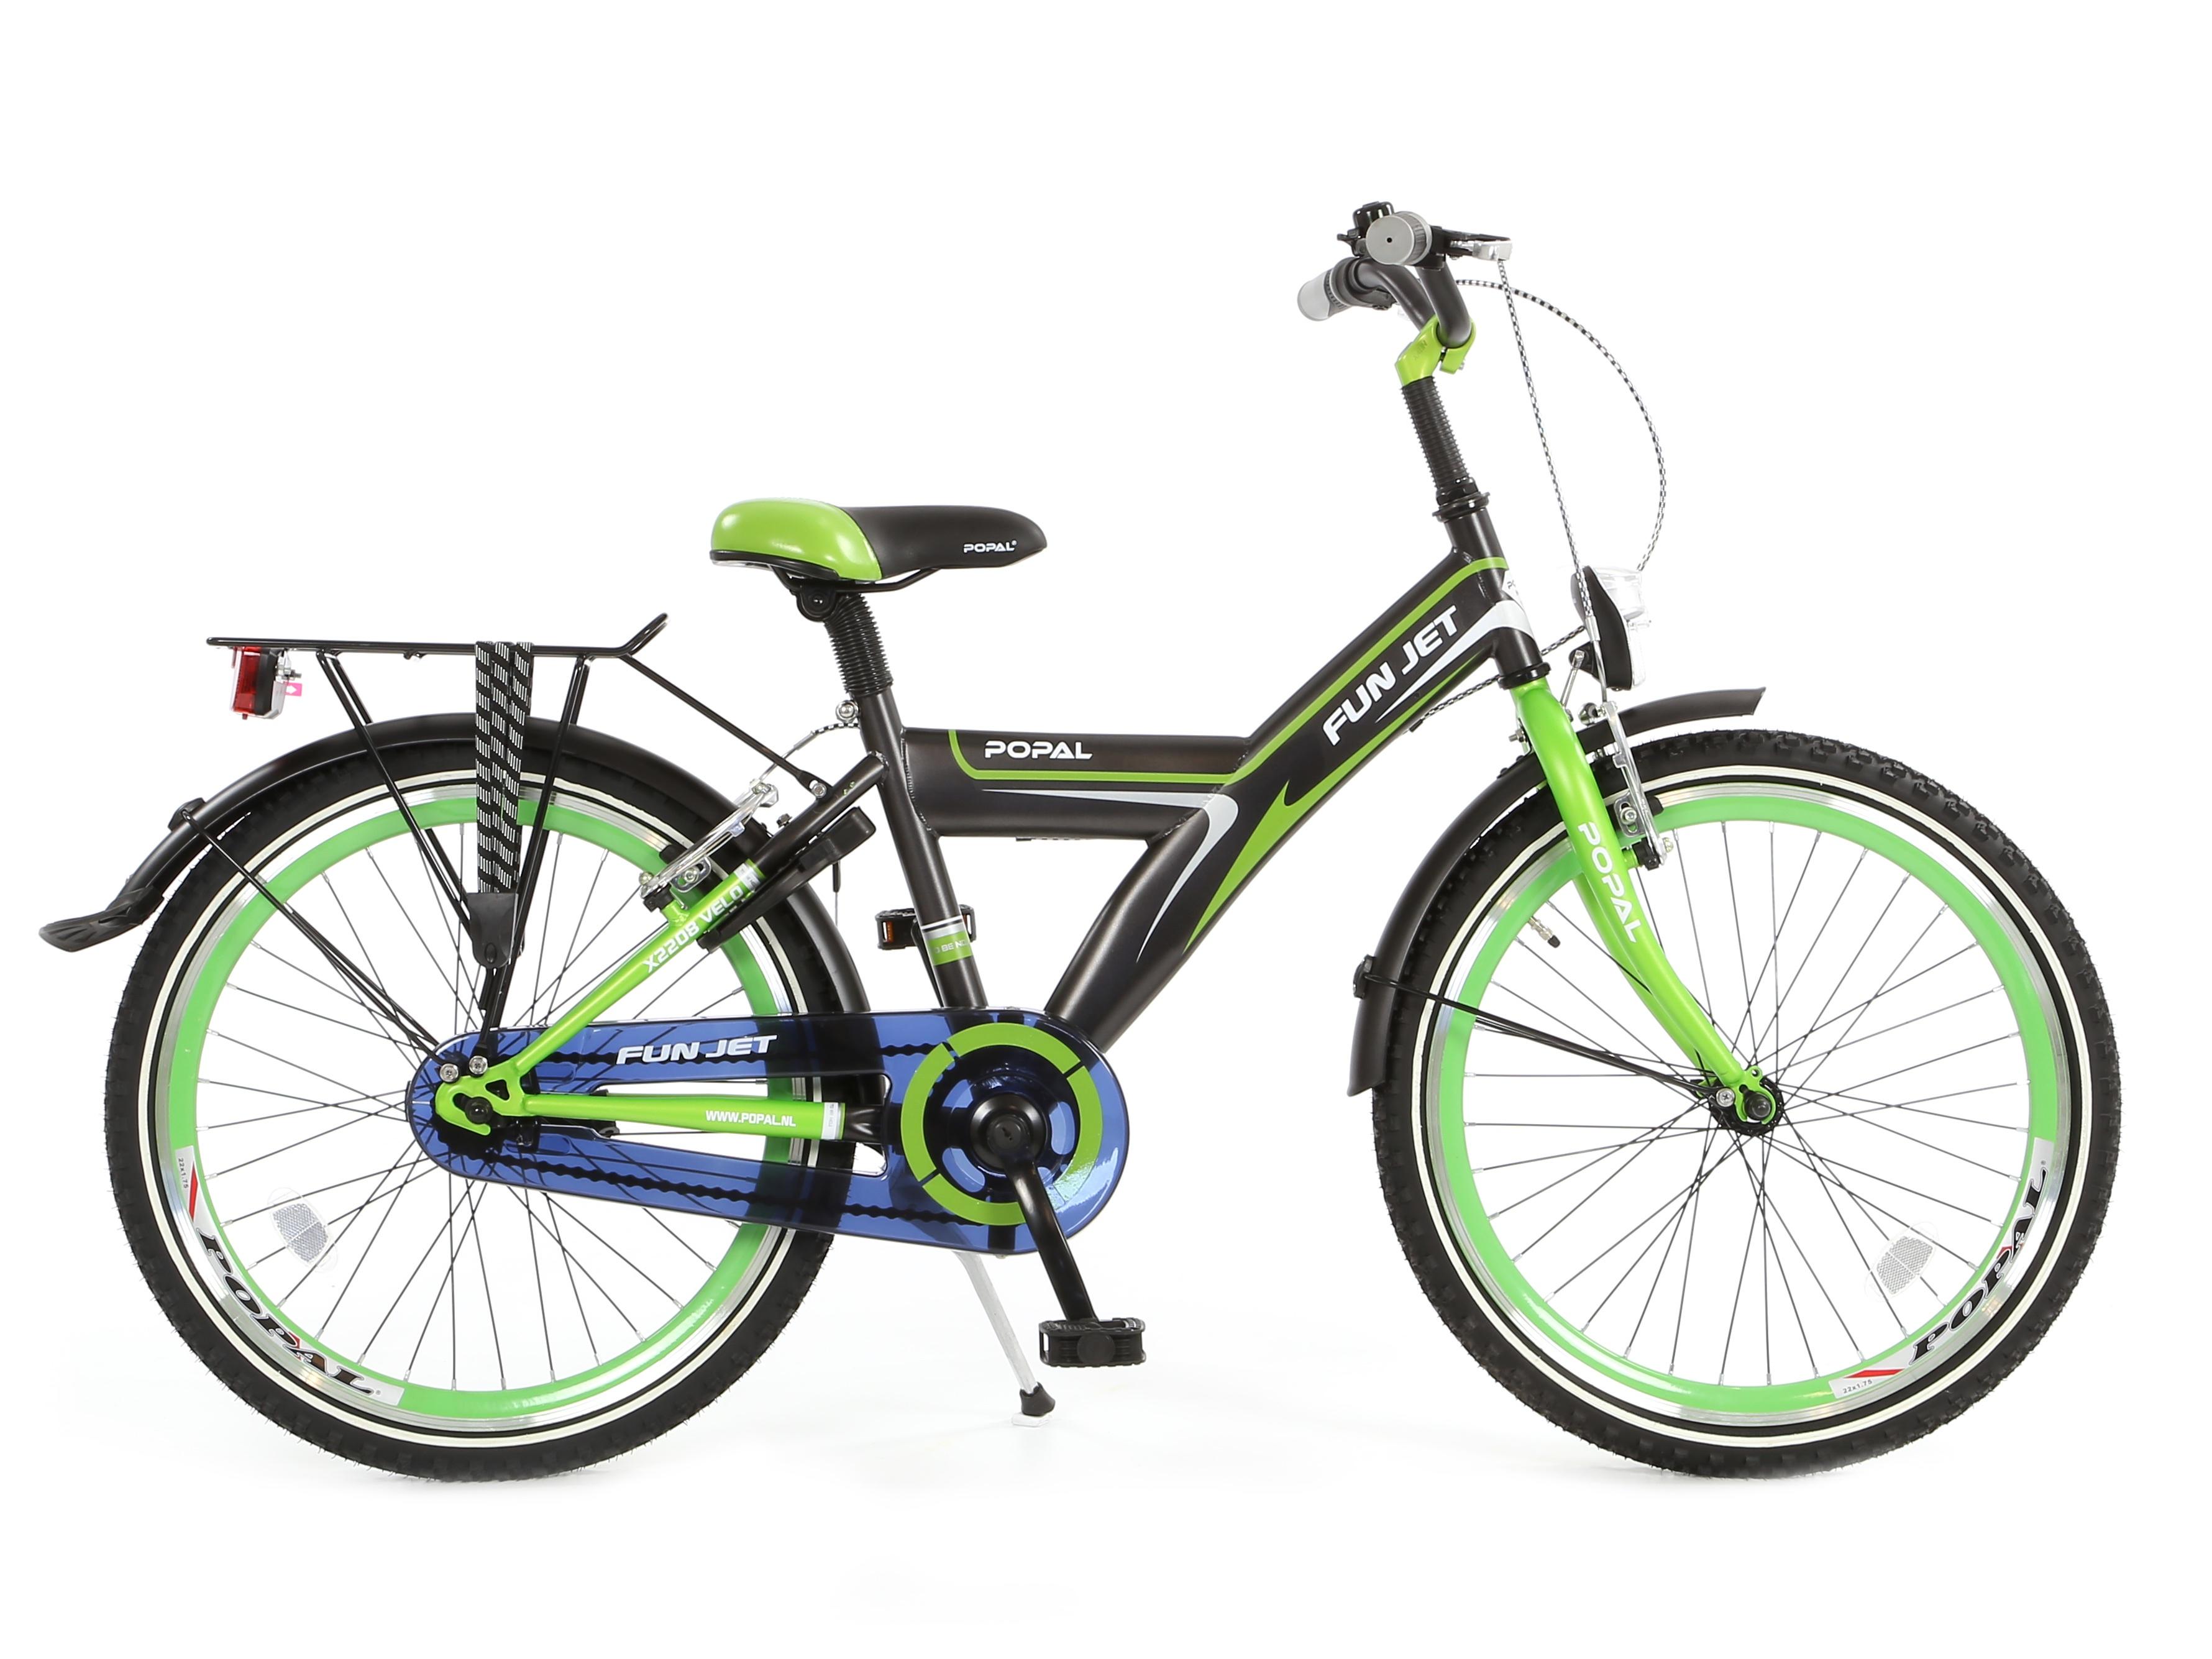 https://fietsenhalsteenwijk.files.wordpress.com/2019/01/funjet-grijs-groen.jpg